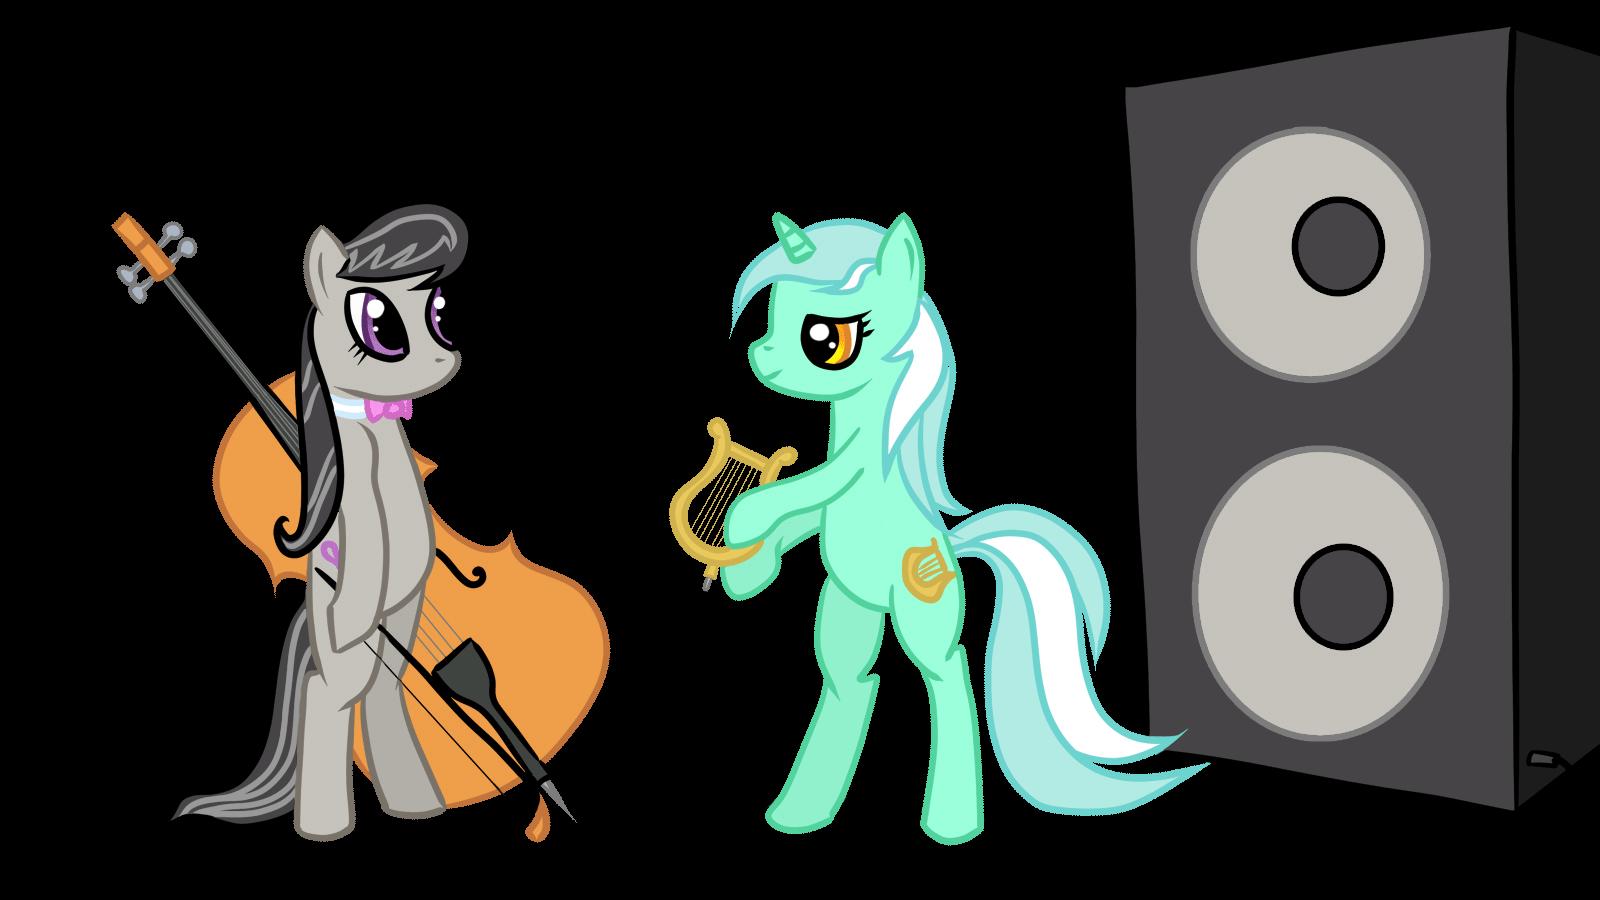 Instrument duel: Lyra vs Octavia.. Who will win?.. DEATH METAL OPERA Instrument duel: Lyra vs Octavia Who will win? DEATH METAL OPERA